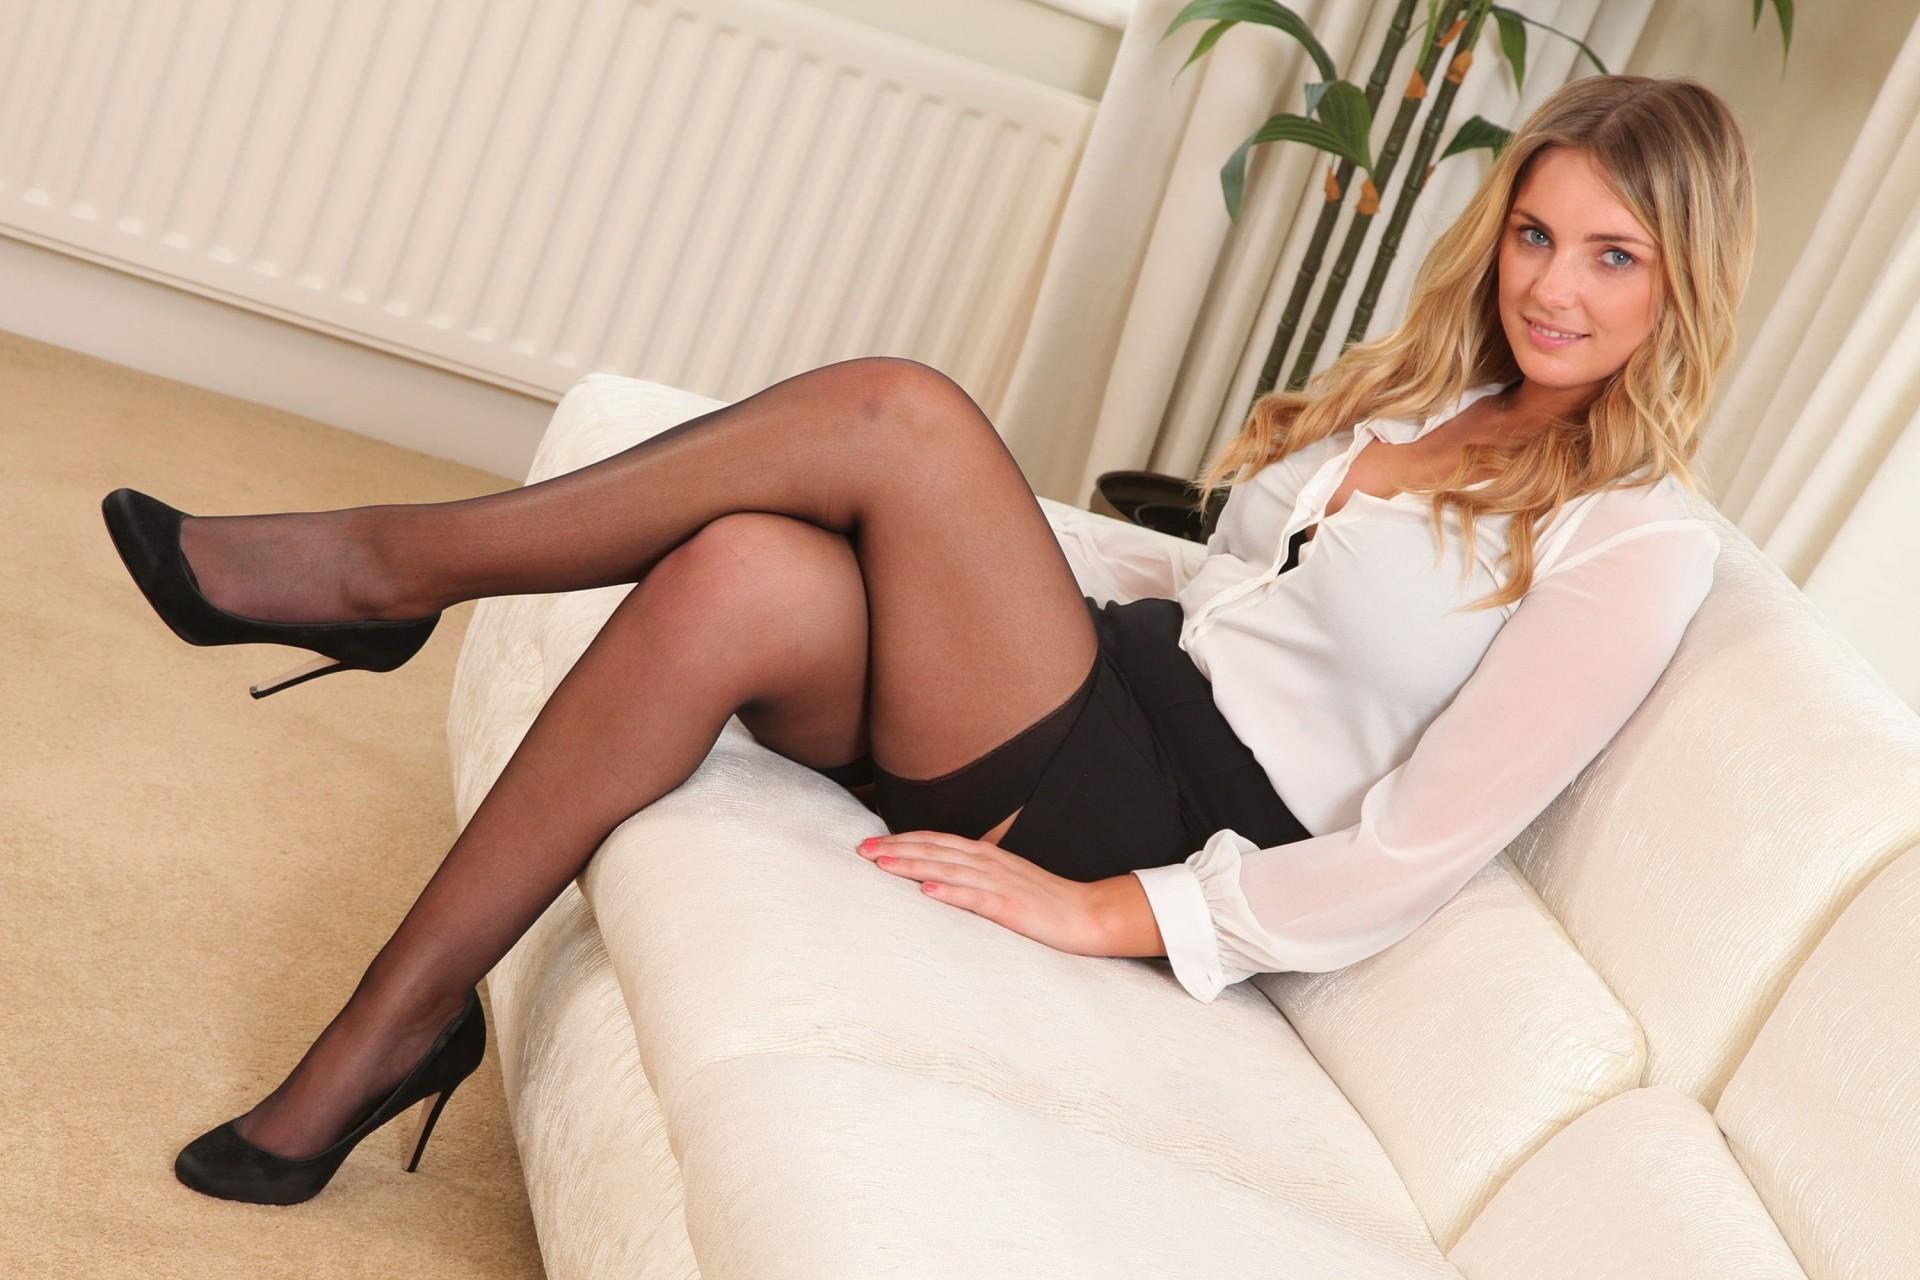 Шикарная девушка в юбке, Порно В юбке -видео. Смотреть порно онлайн! 14 фотография